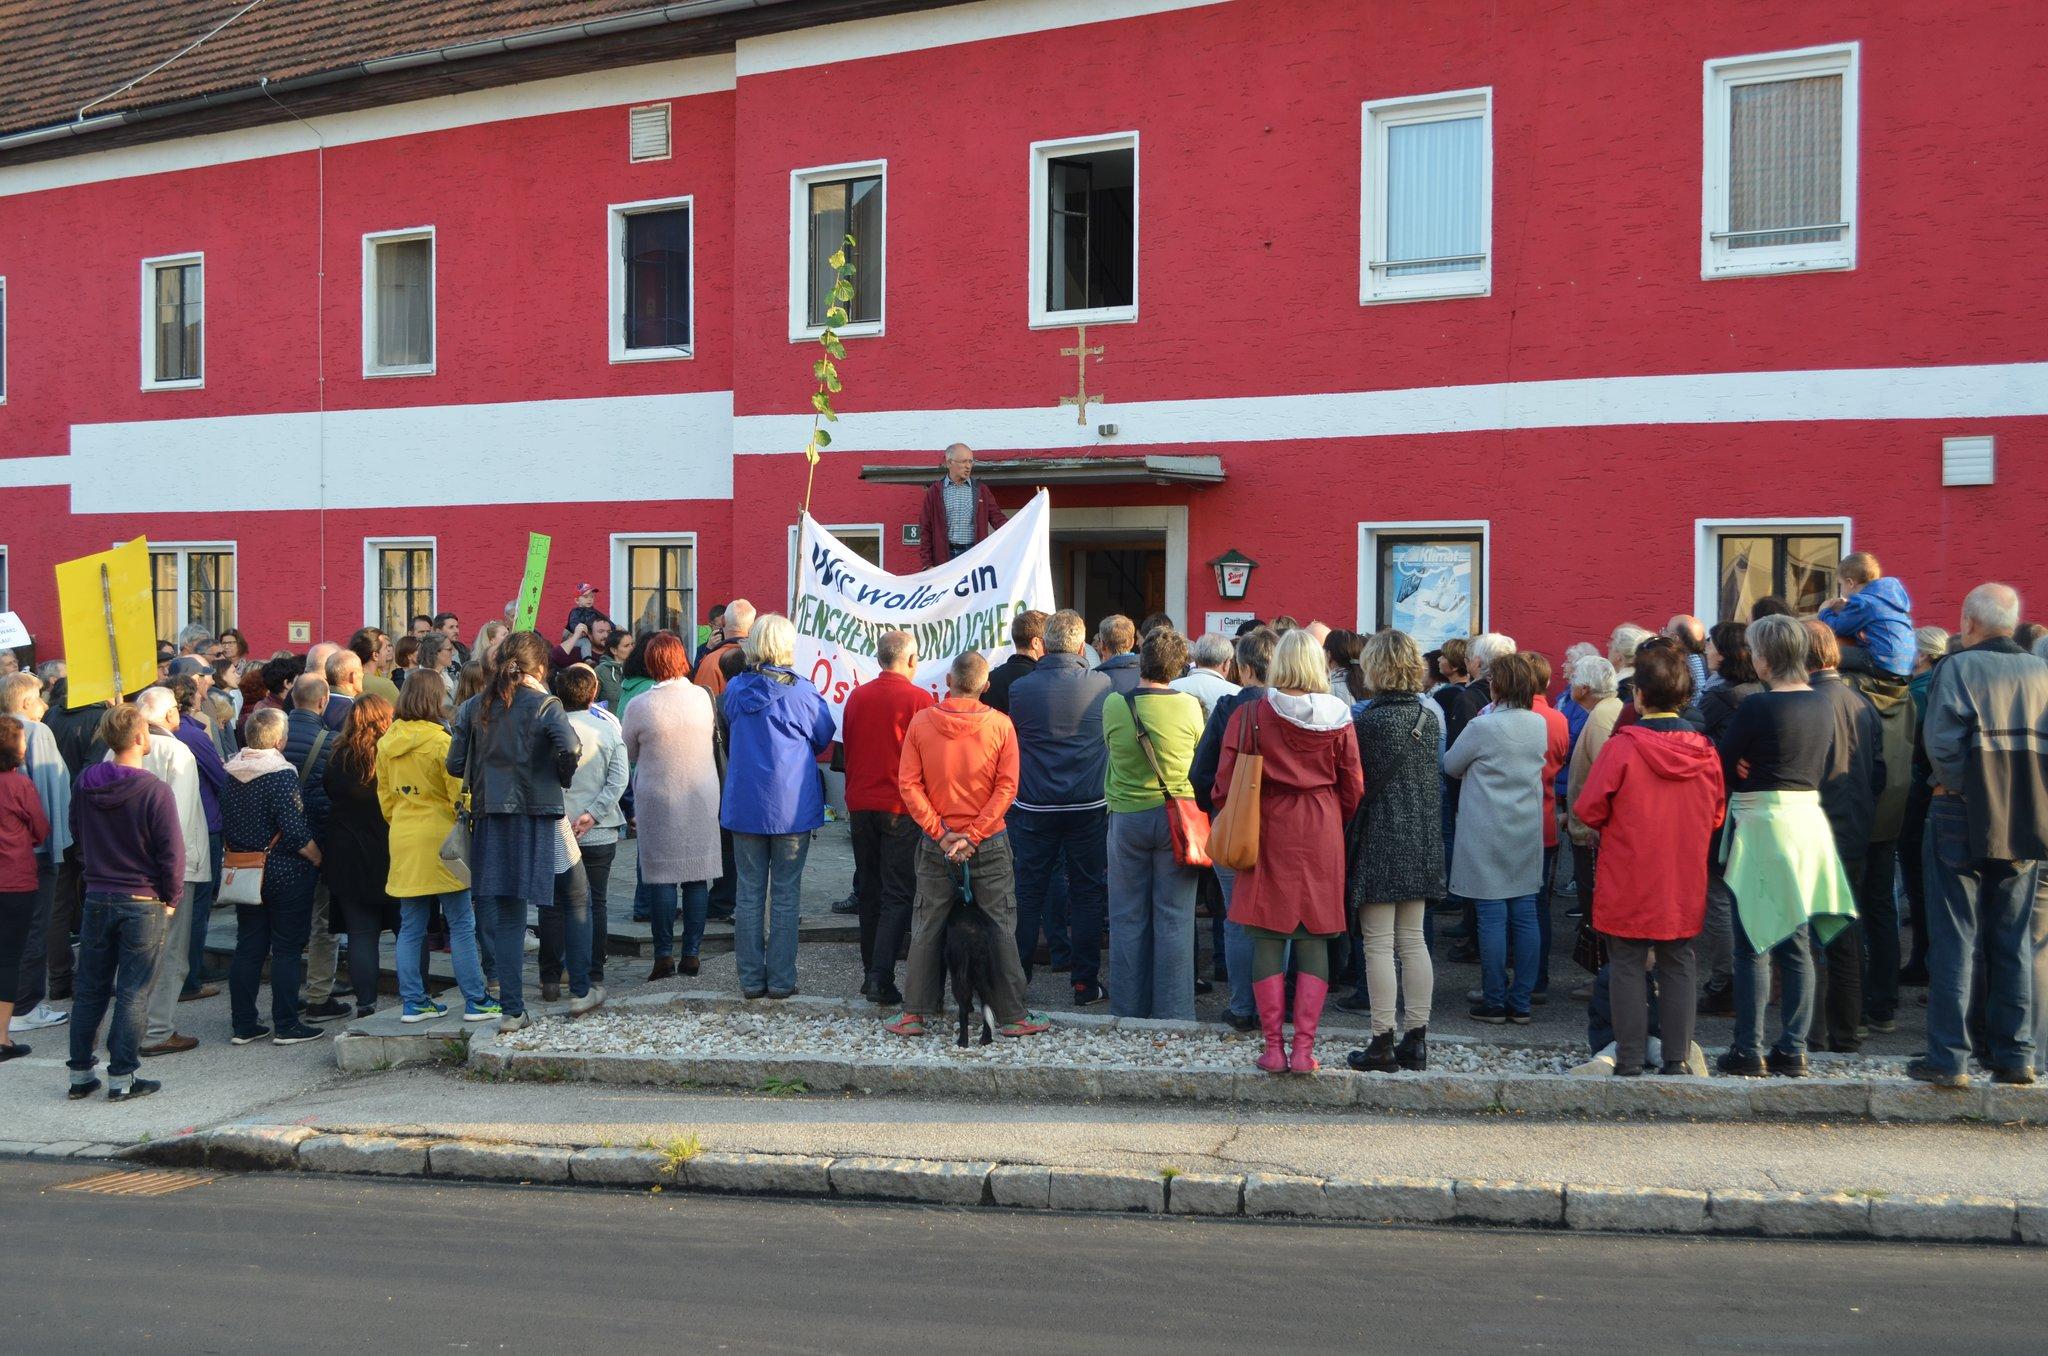 Kontaktanzeigen in Kirchdorf an der Krems und Kontakte